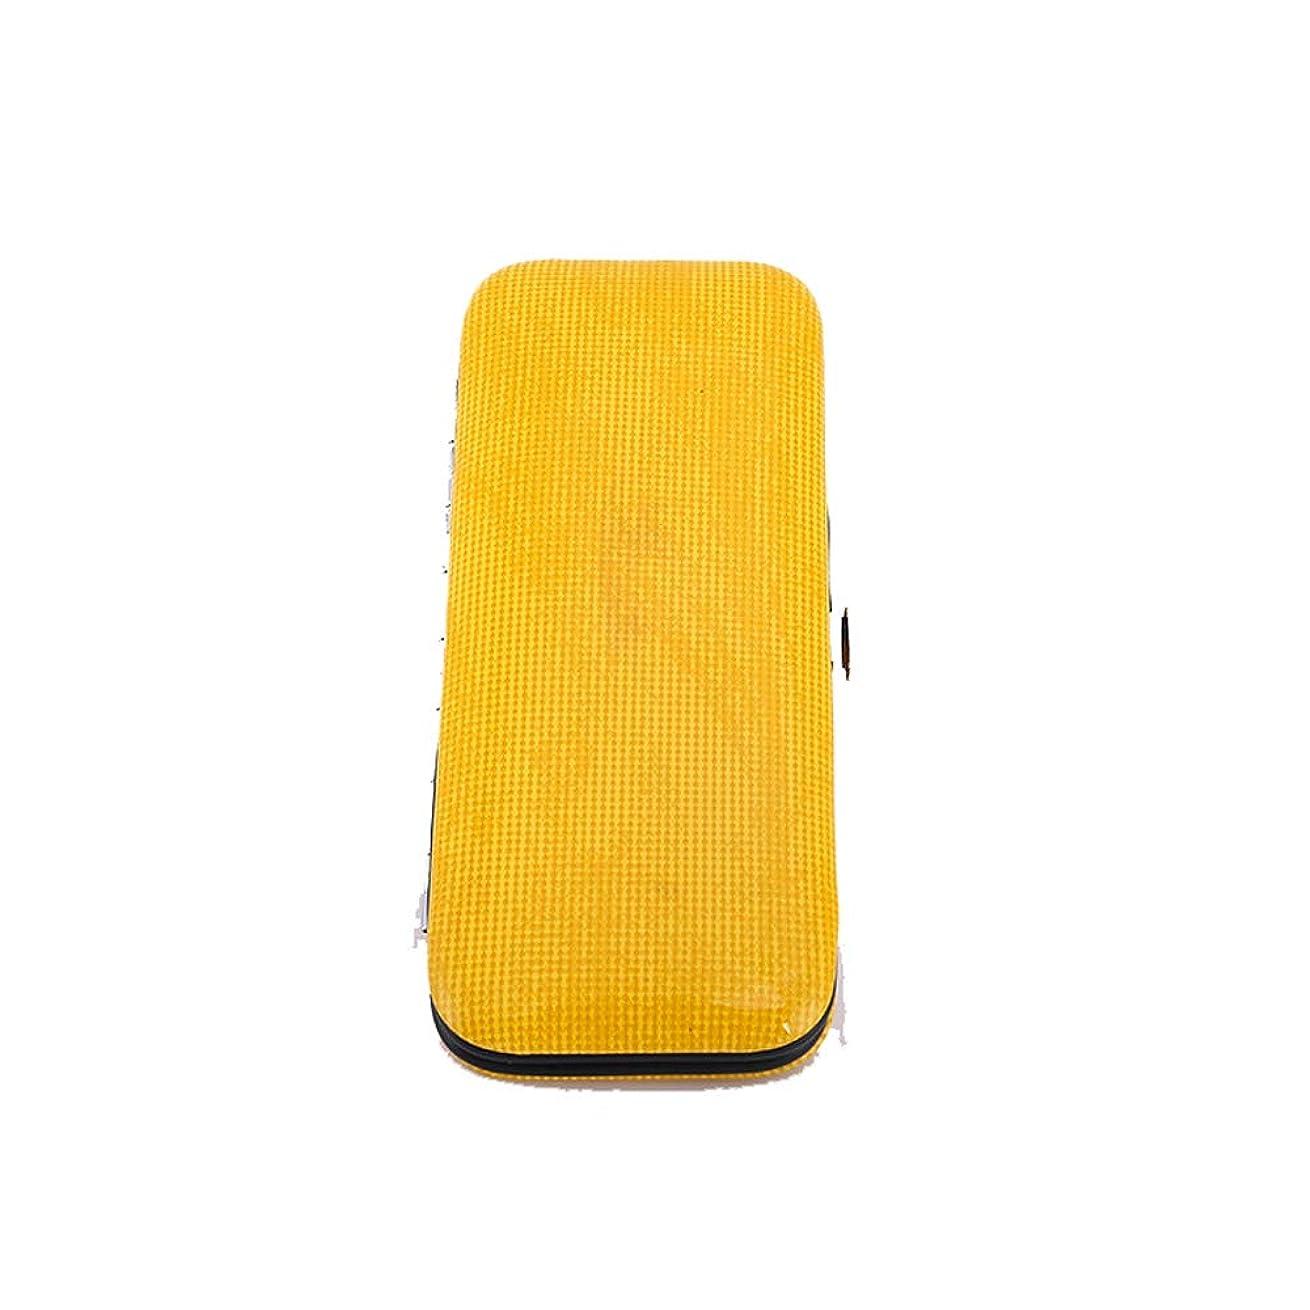 エンドテーブル海洋の君主制便利な爪切り ステンレススチールネイルクリッパーセットネイルクリッパーセット8個セット美容ネイルツールセット ネイルドレッシングツール (色 : 黄)